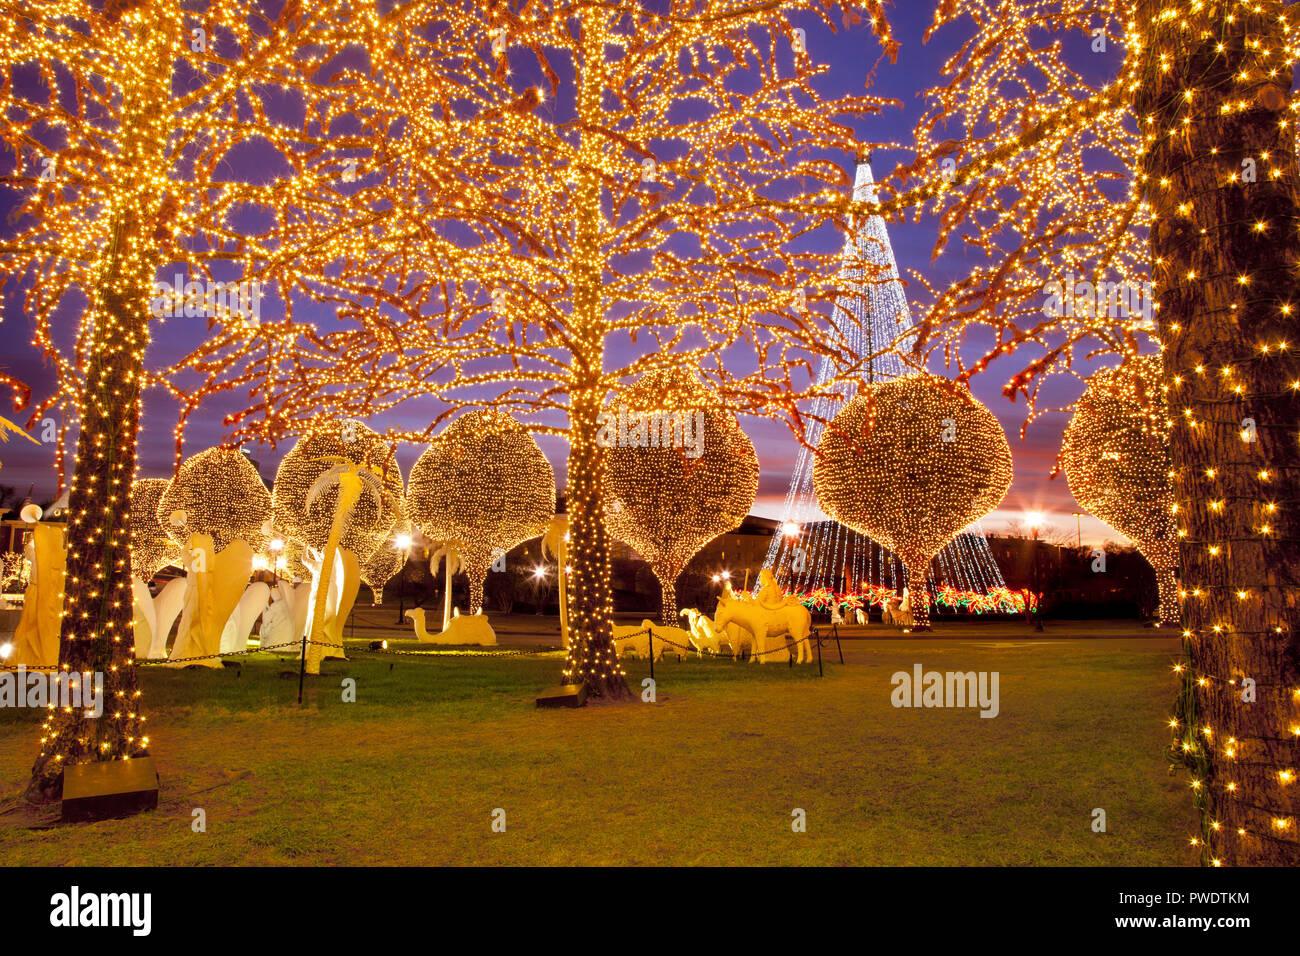 Immagini Natale Usa.Le Decorazioni Di Natale E Le Luci A Opryland Hotel Nashville